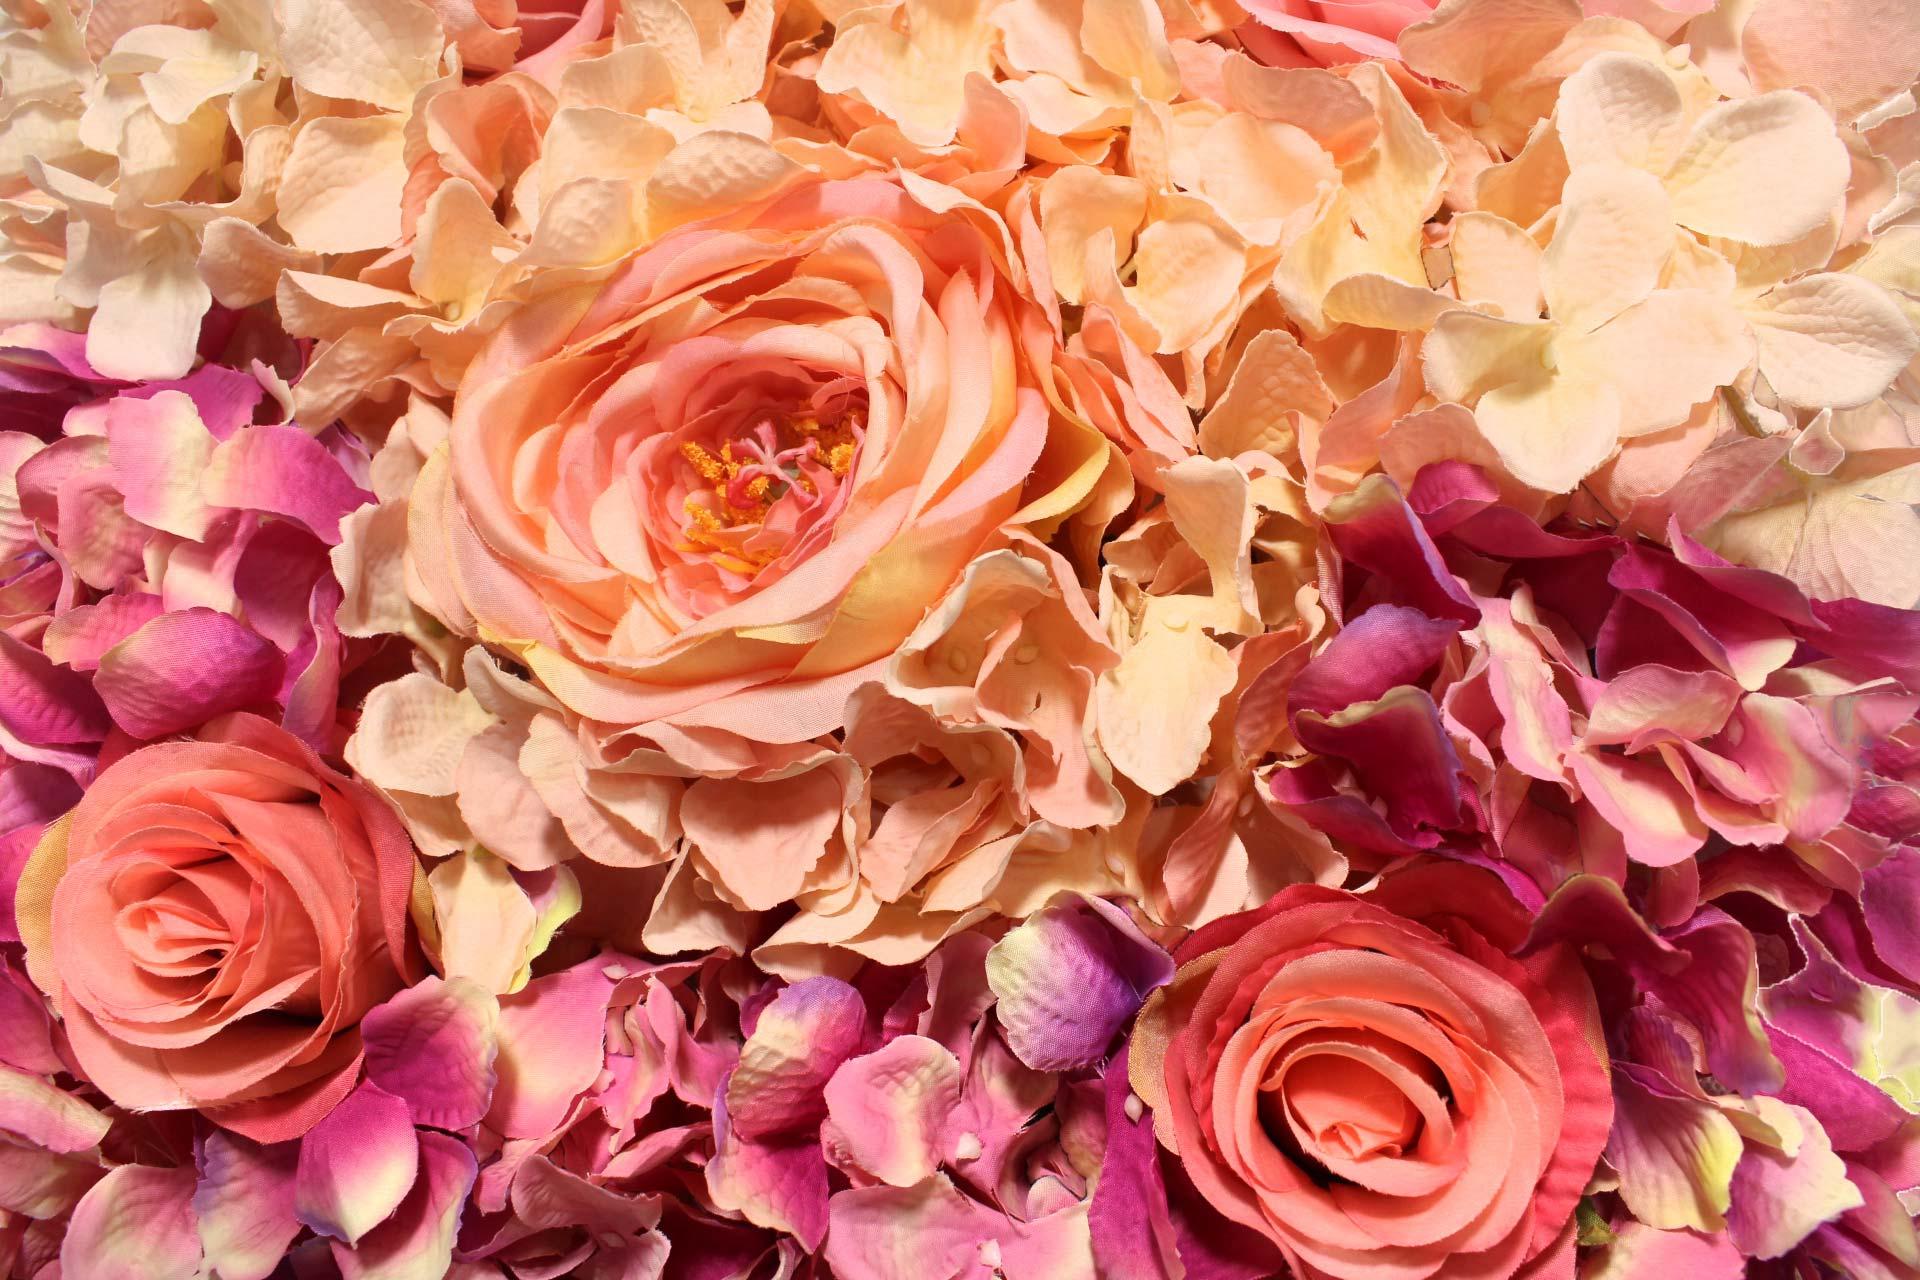 Tapete de flores - 25cm Largura X 25cm comprimento